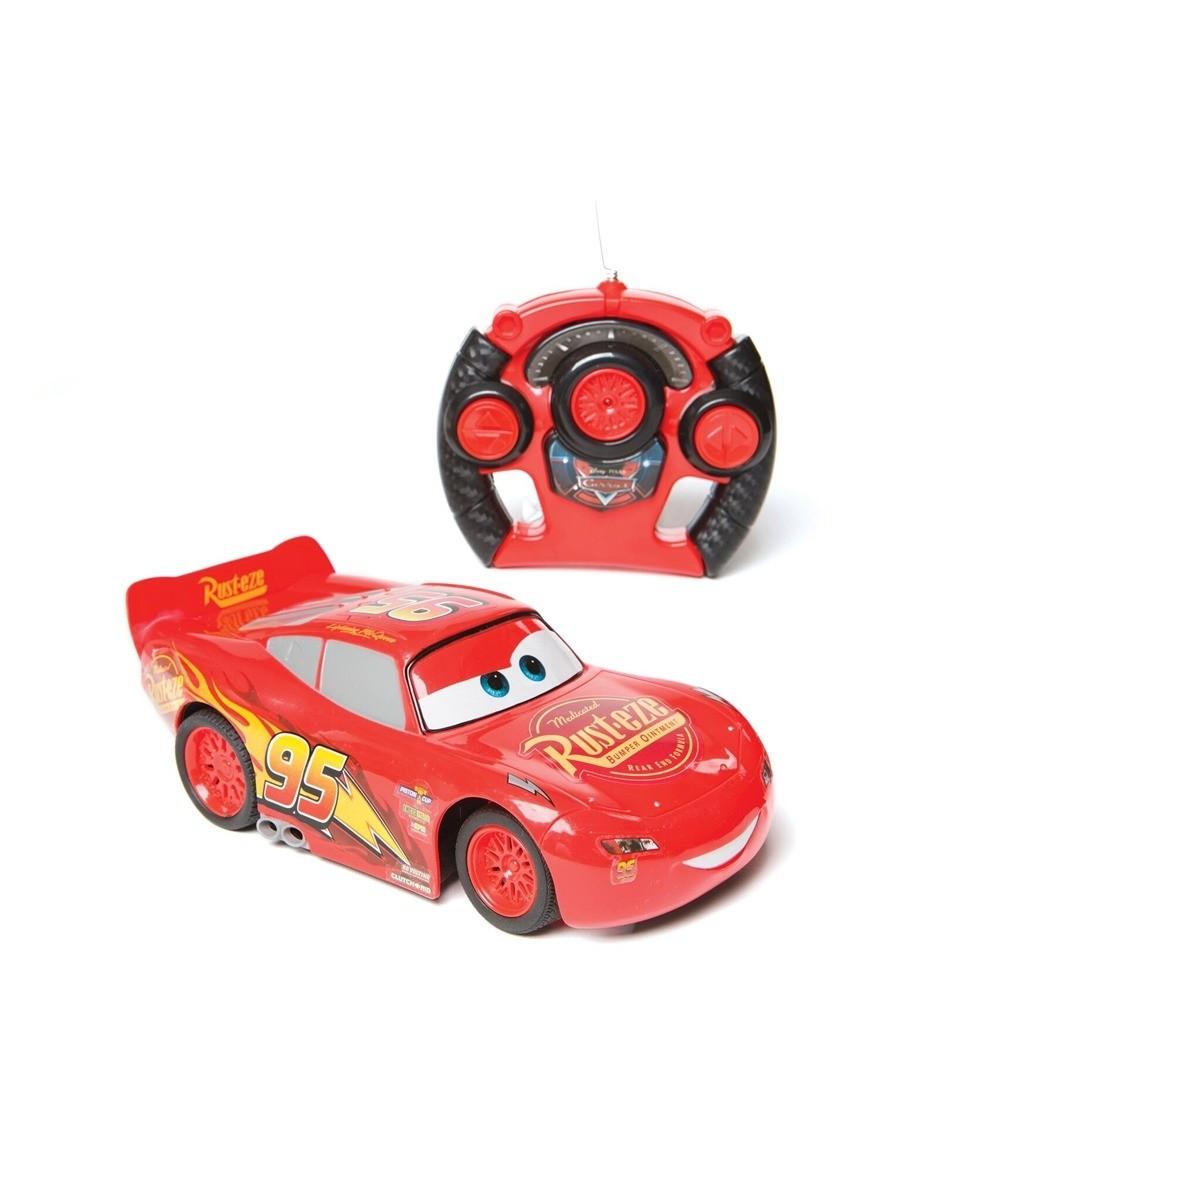 Radio Controle 7 funções Disney Carros 3 Relampago Mcqueen 1:14 – Estrela  - Doce Diversão